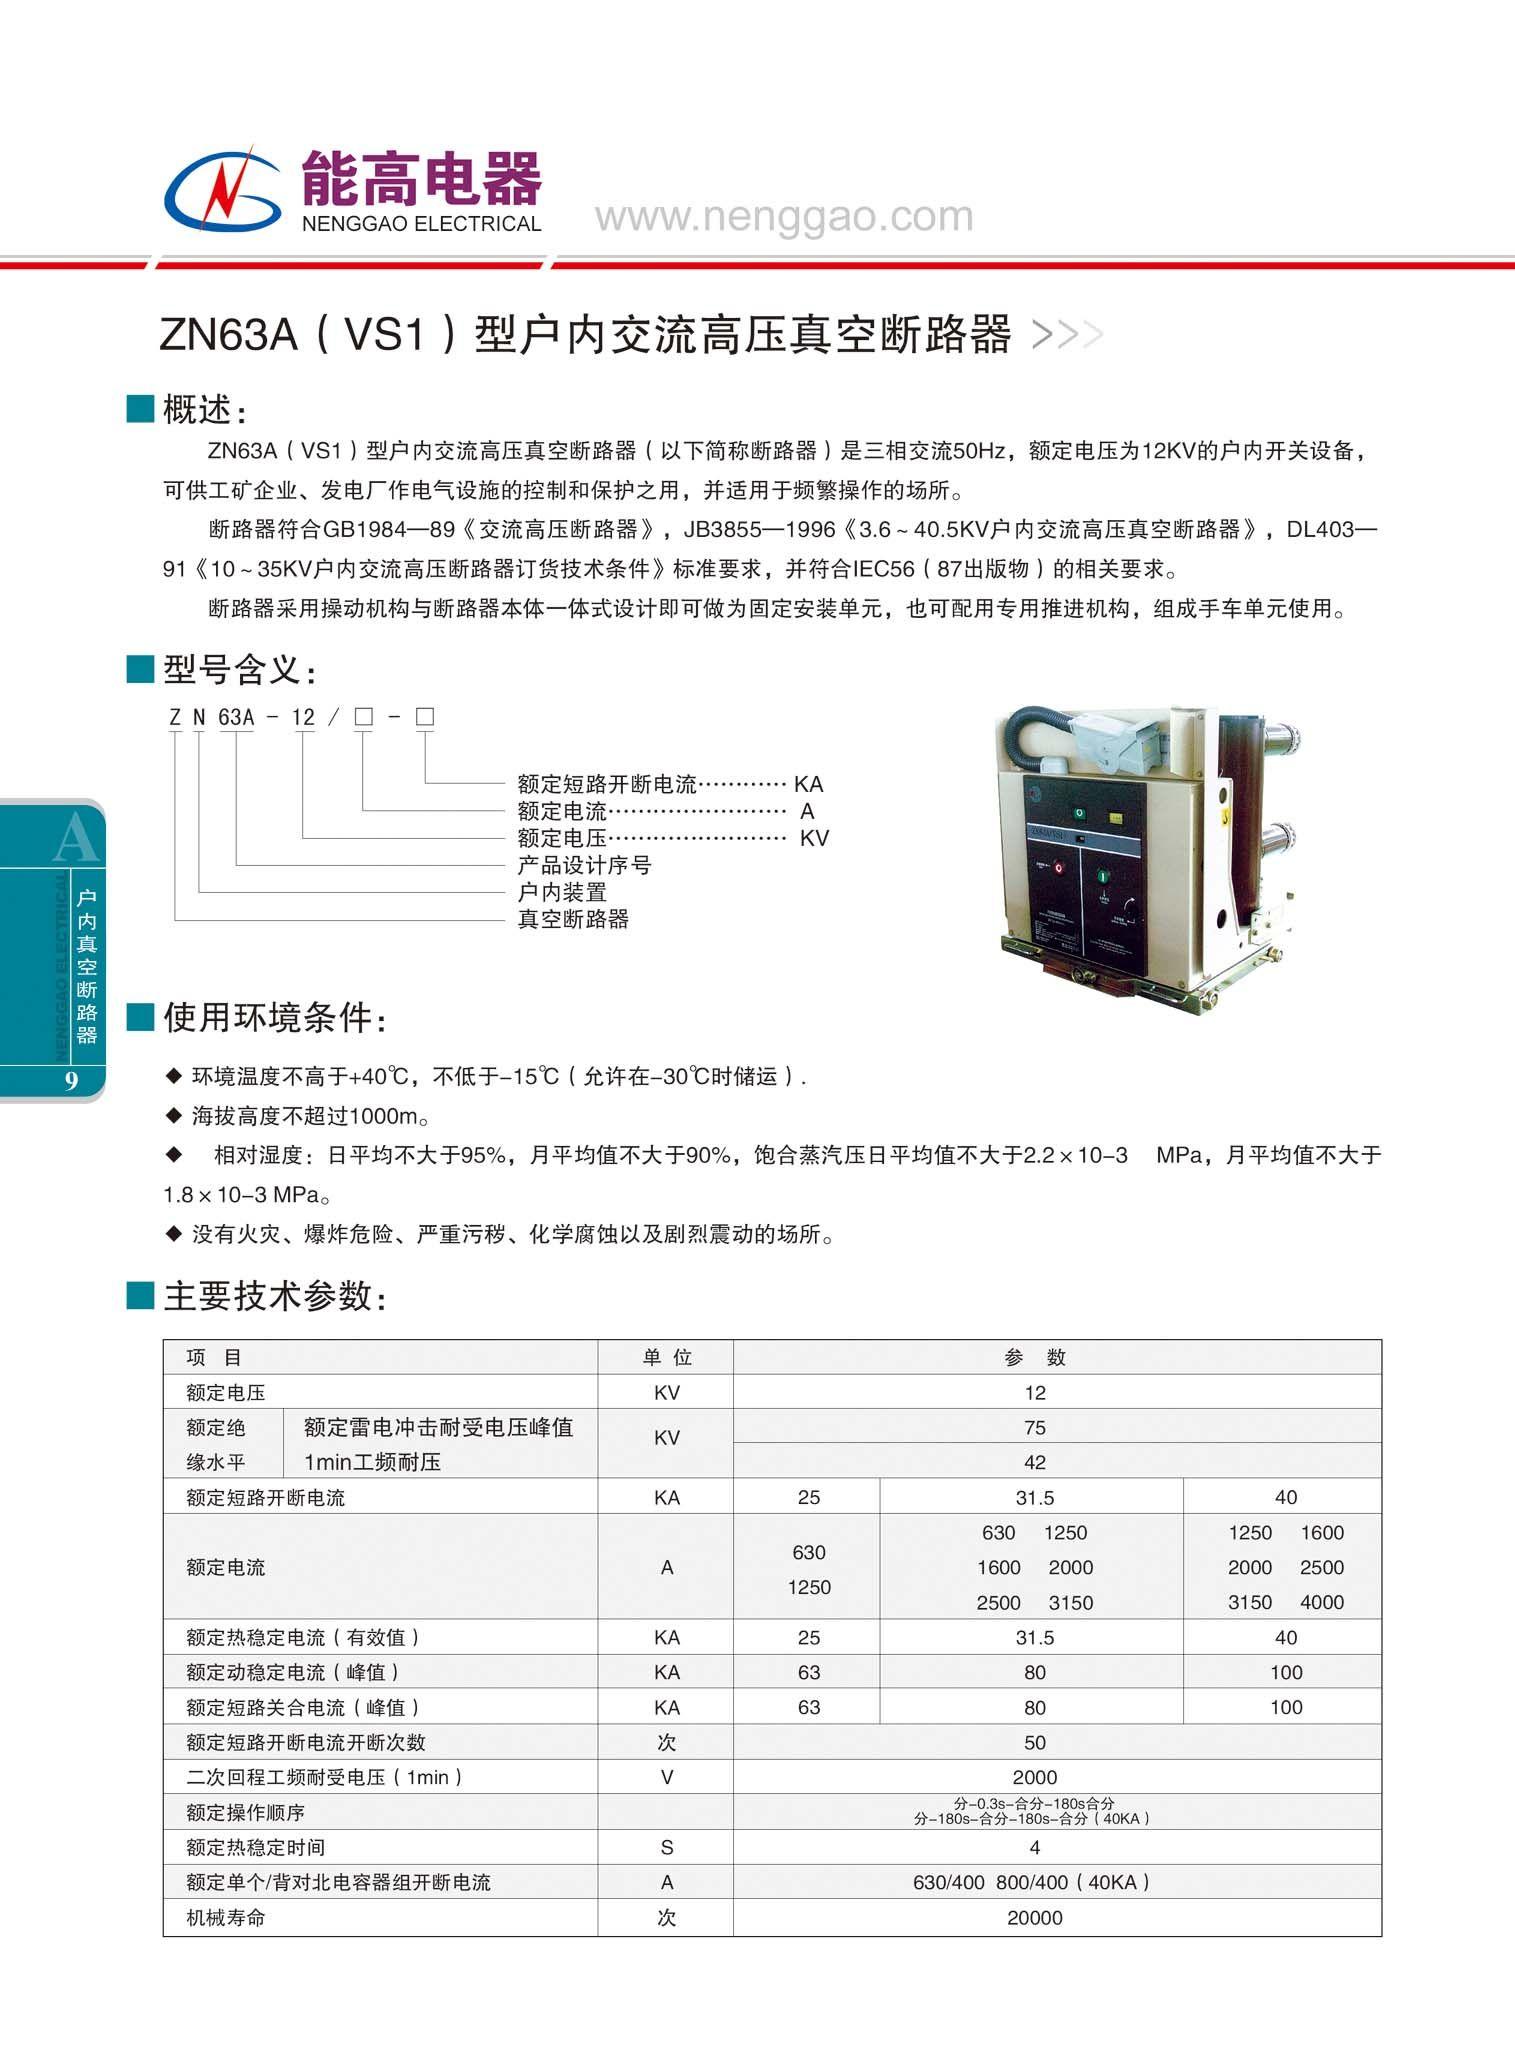 ZN63A(VS1)型户内交流高压真空断路器(图文)